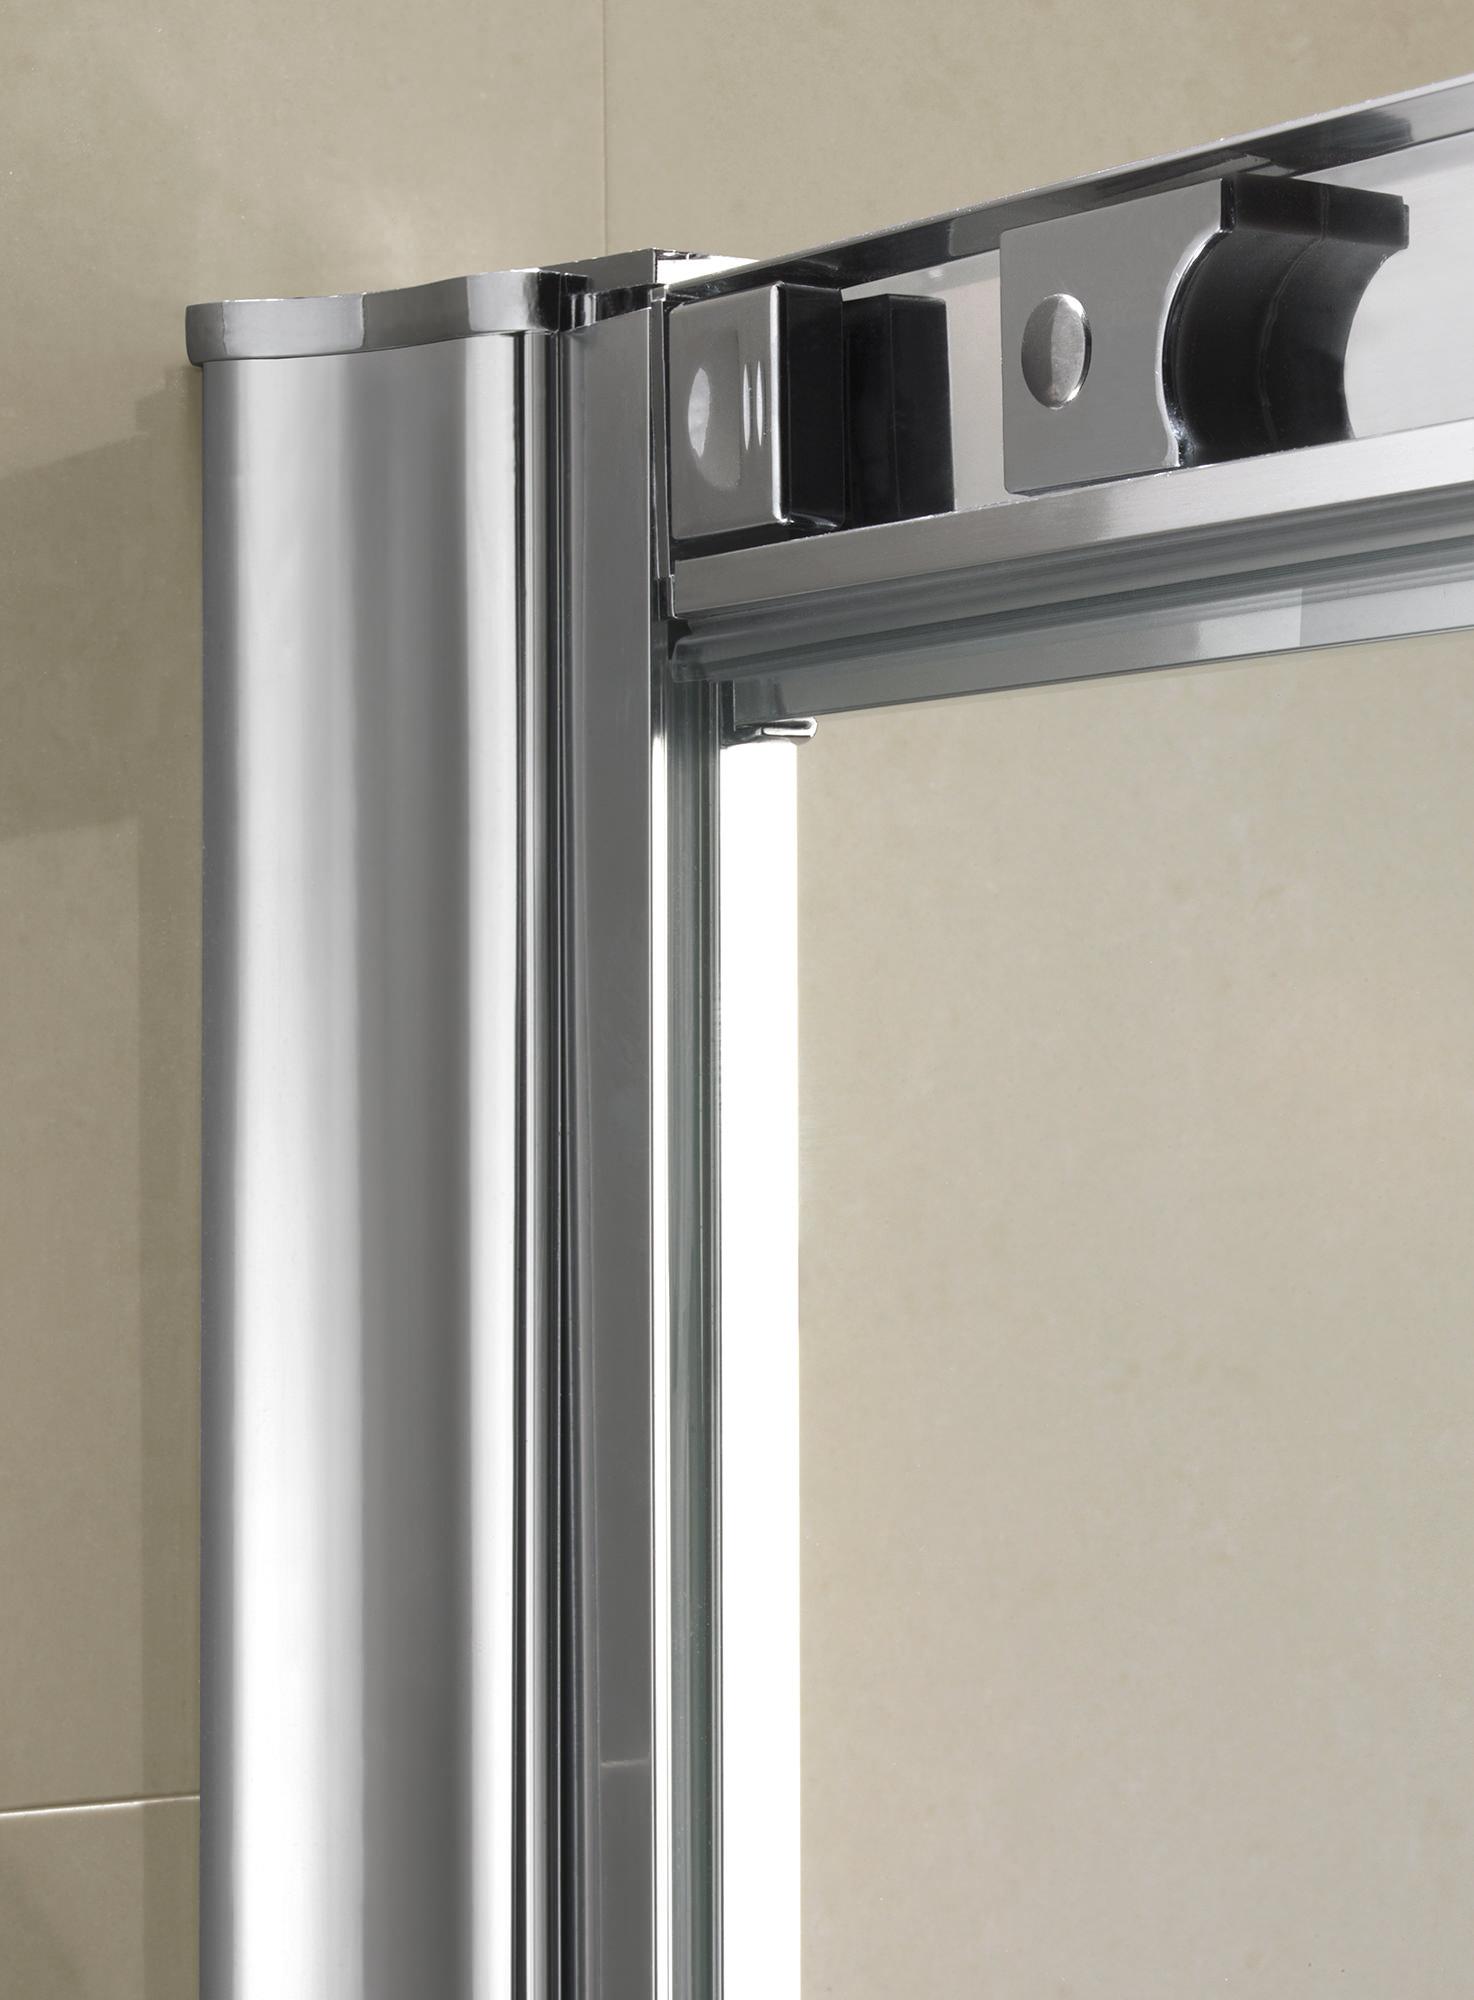 Twyford Es200 Sliding Shower Enclosure Door 1400mm Es29500cp